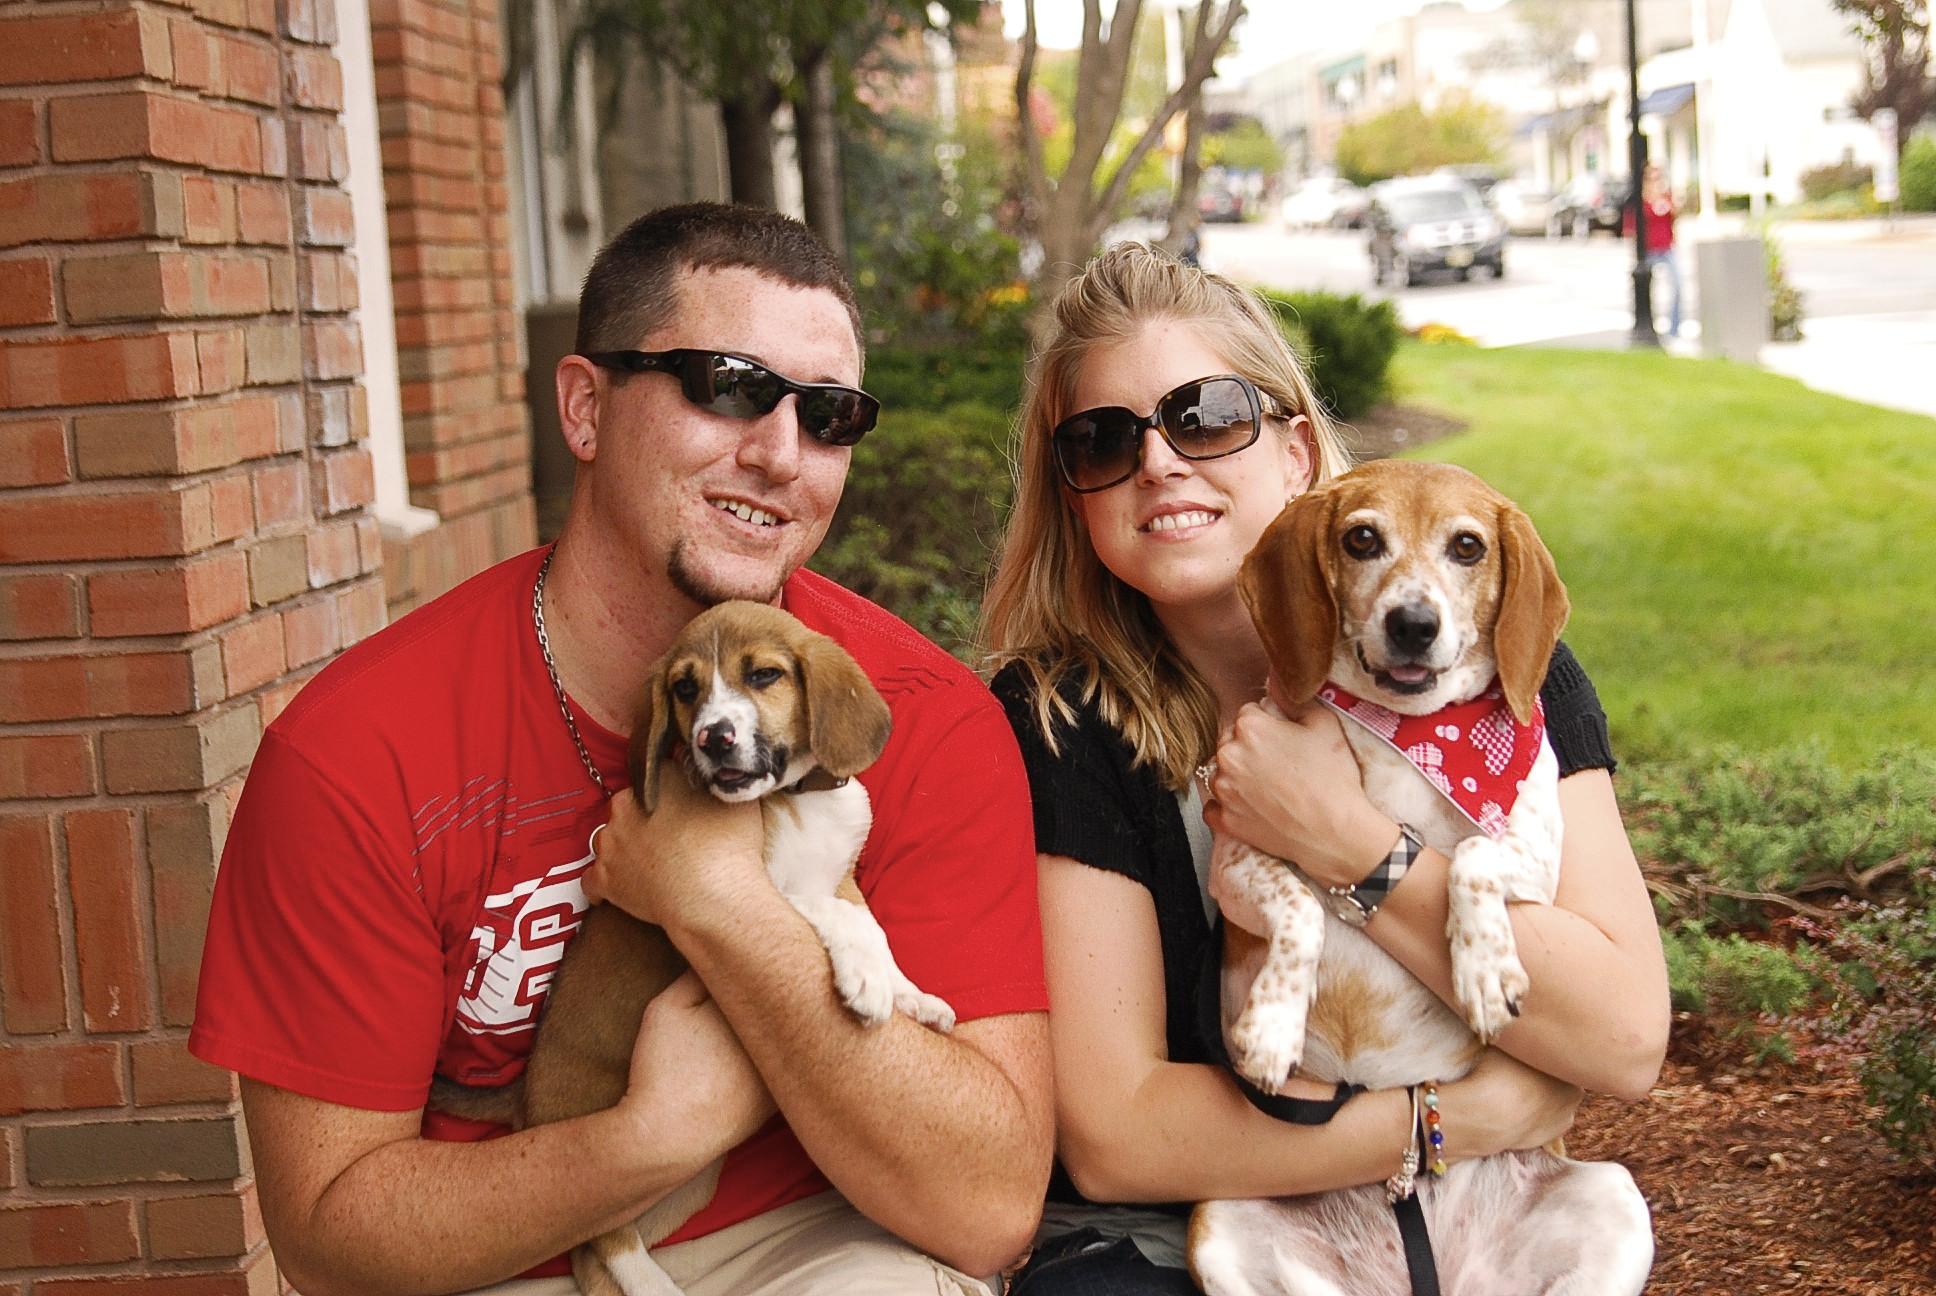 Adopt_A_Pet_9-25-11-2-26.jpg